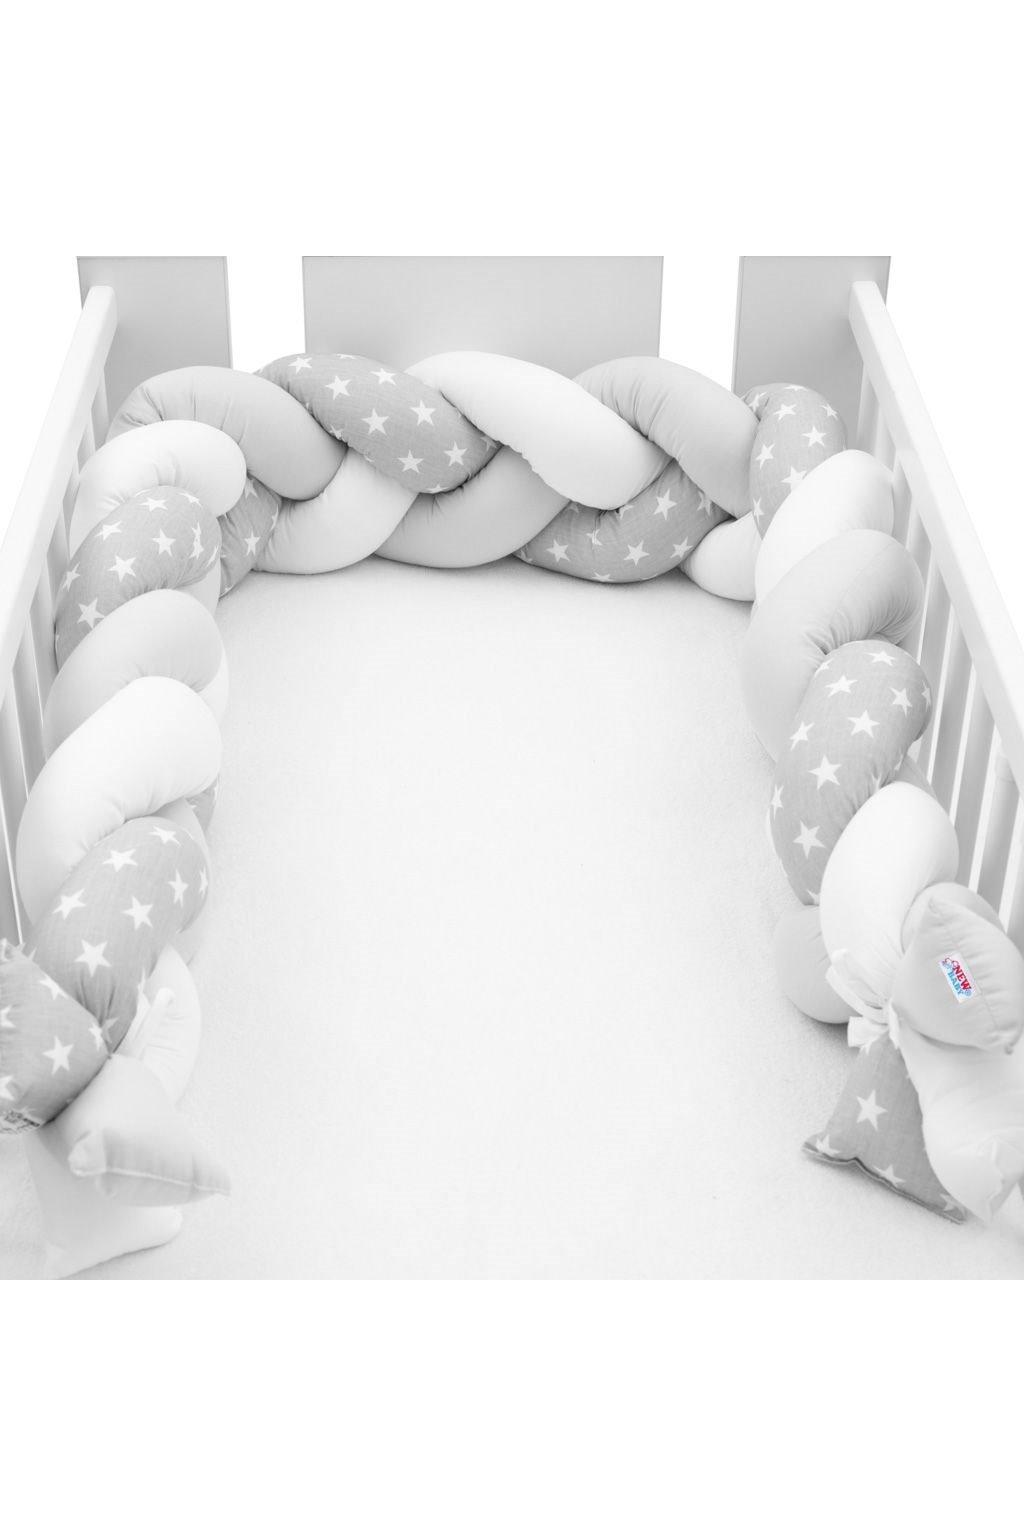 Ochranný mantinel do postieľky vrkoč New Baby Hviezdičky sivo-biely